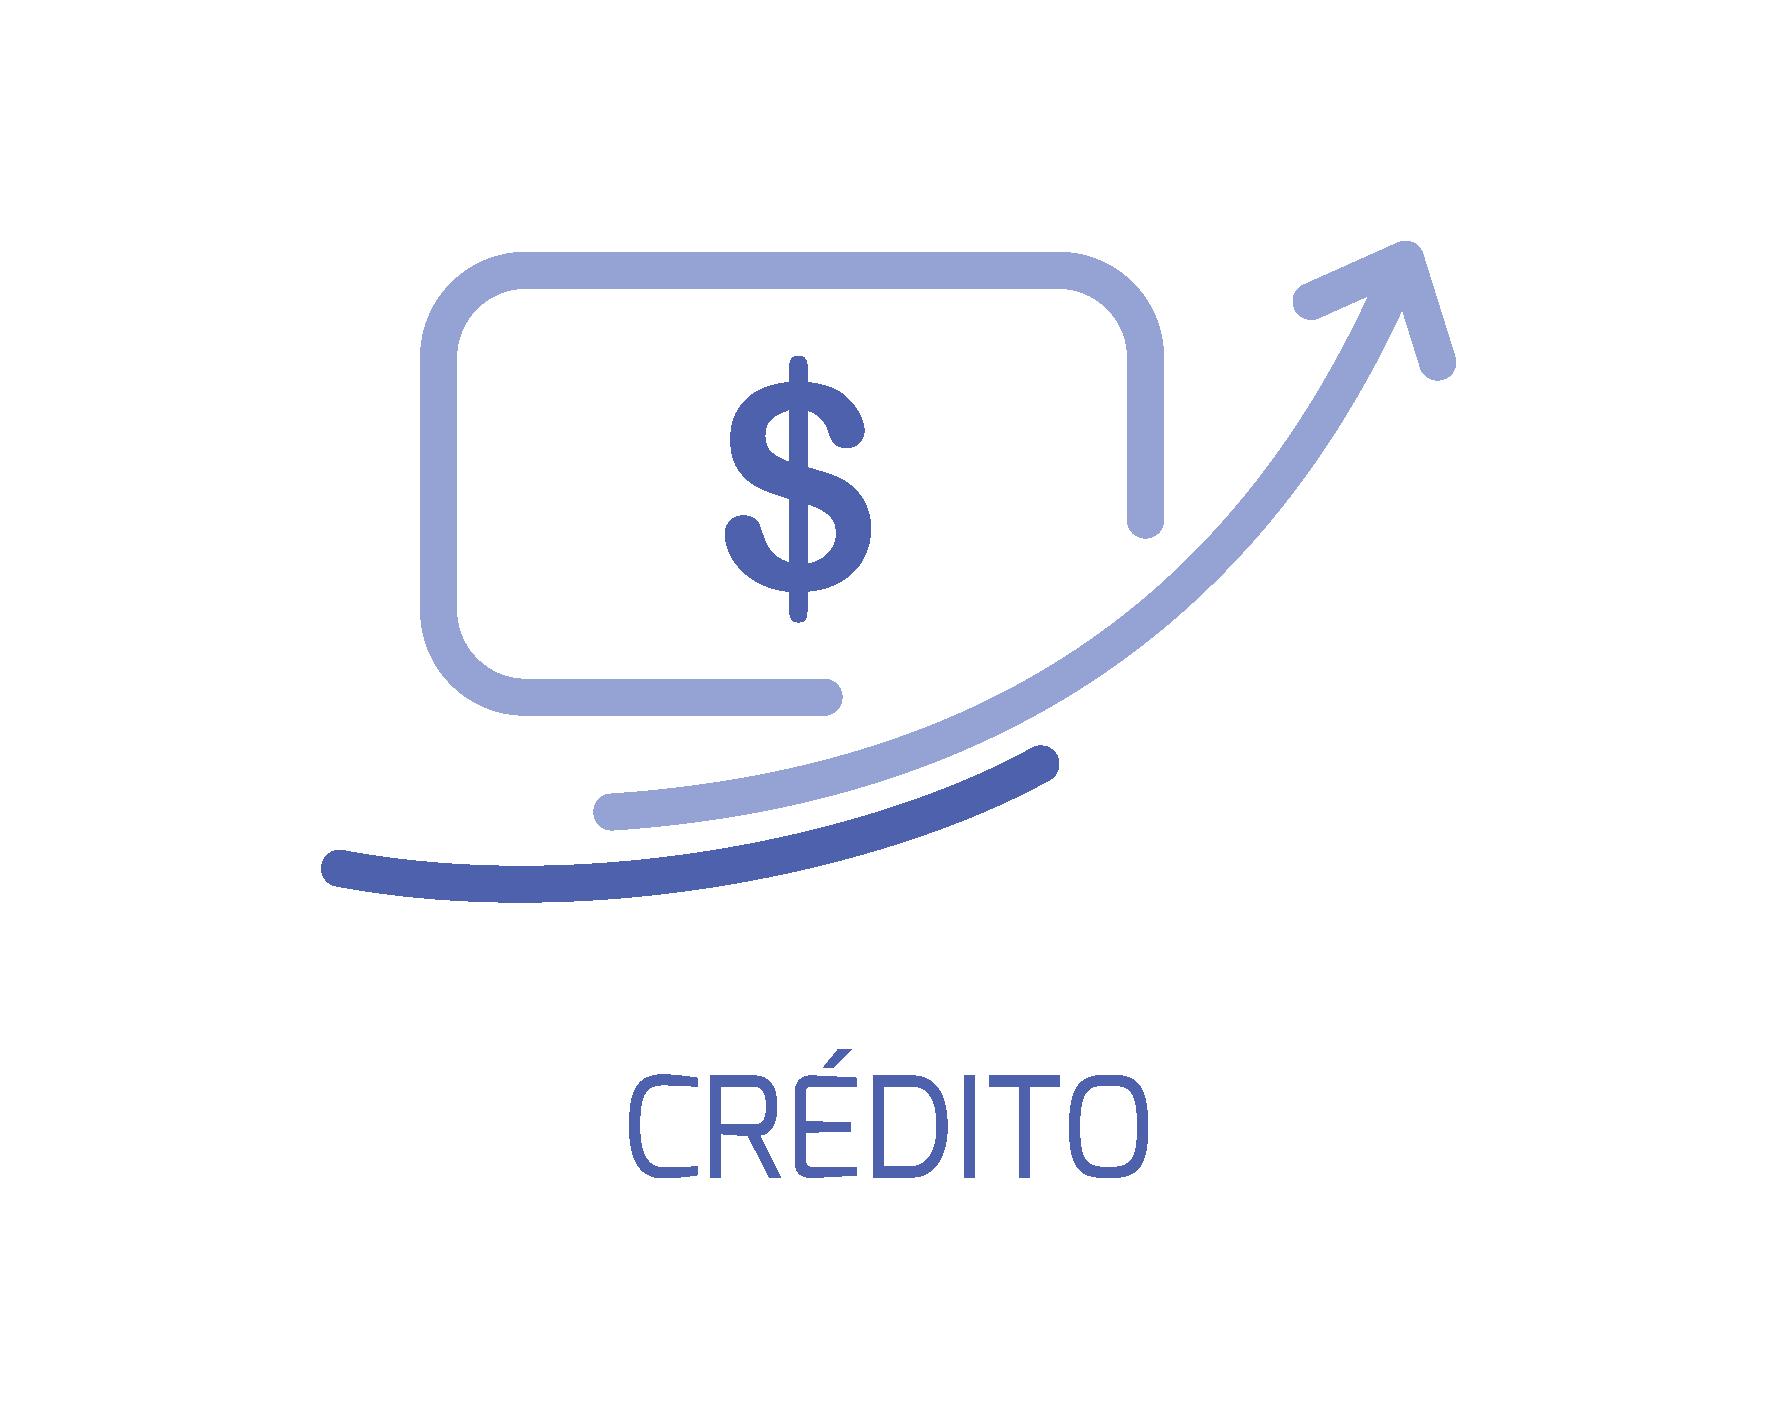 ramo credito 12 11 2019